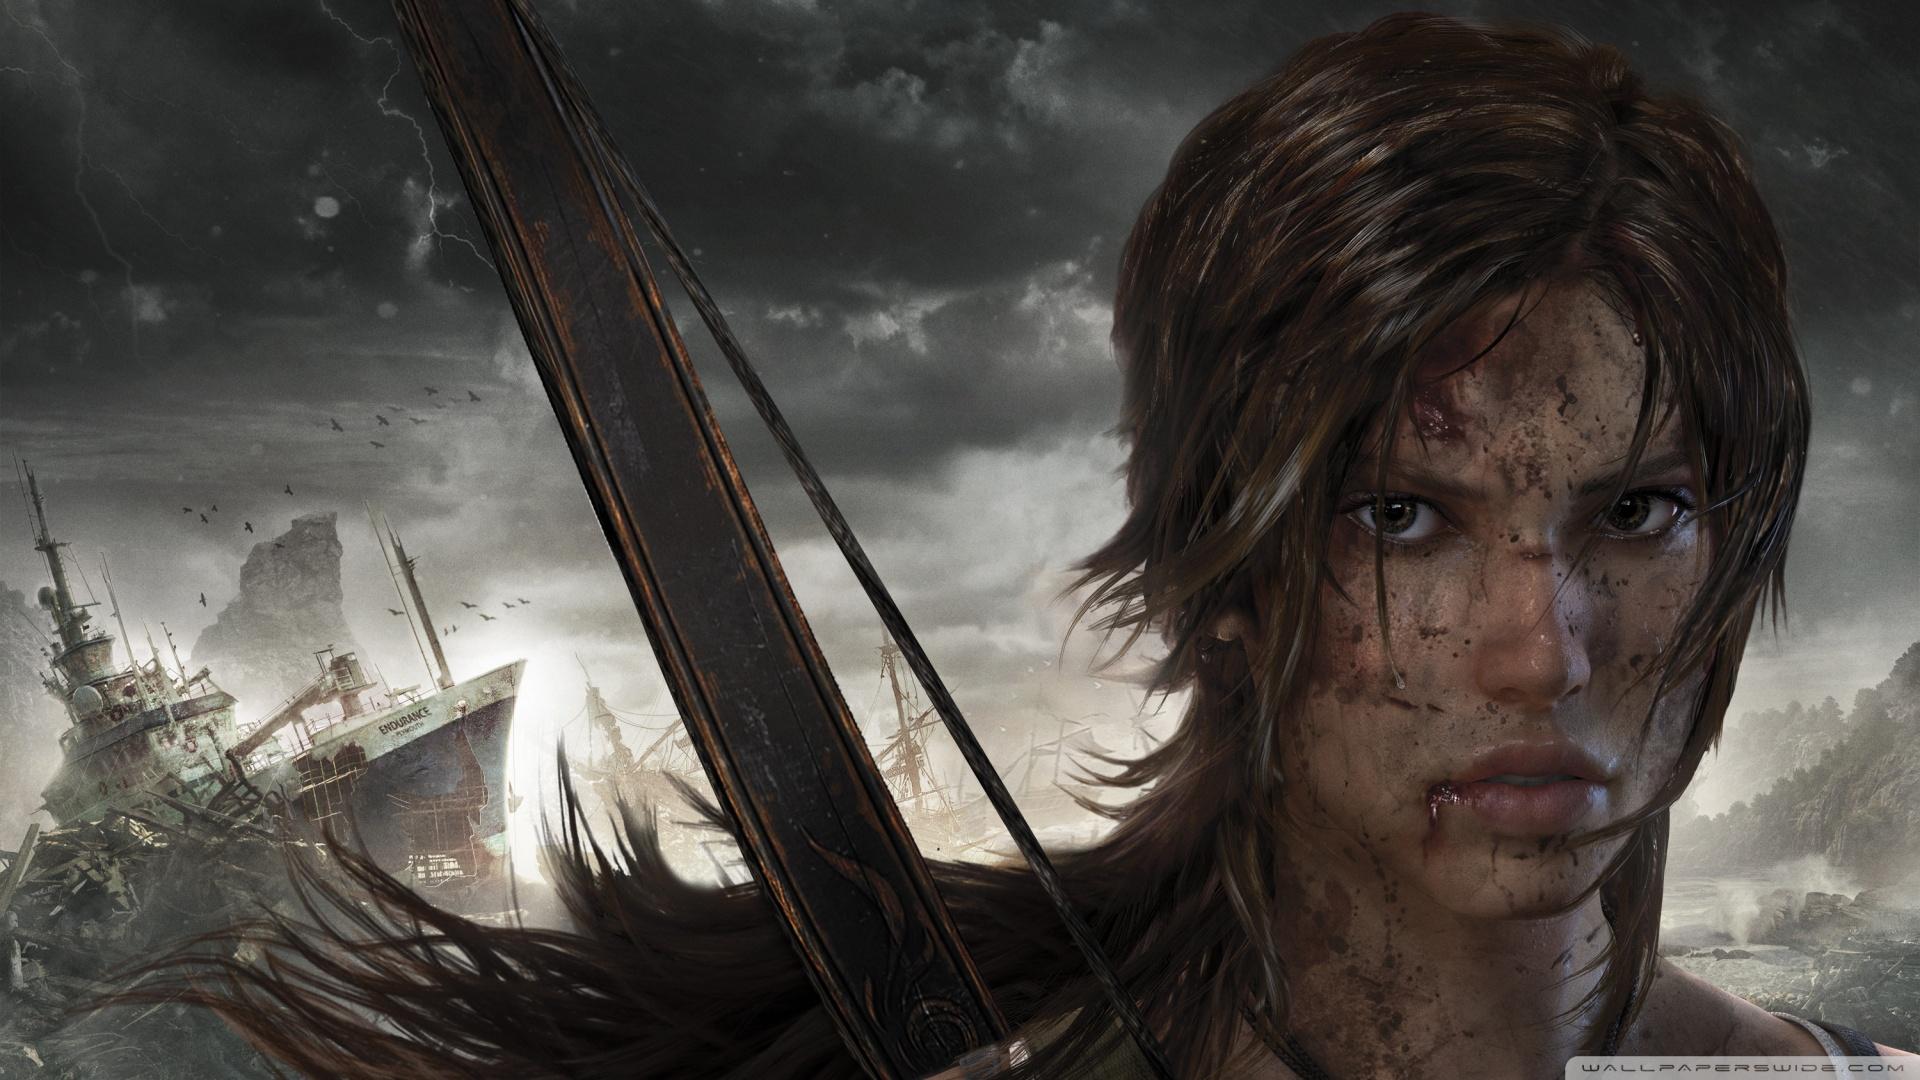 Tomb Raider 2013 Wallpaper 1920x1080 Tomb Raider 2013 1920x1080